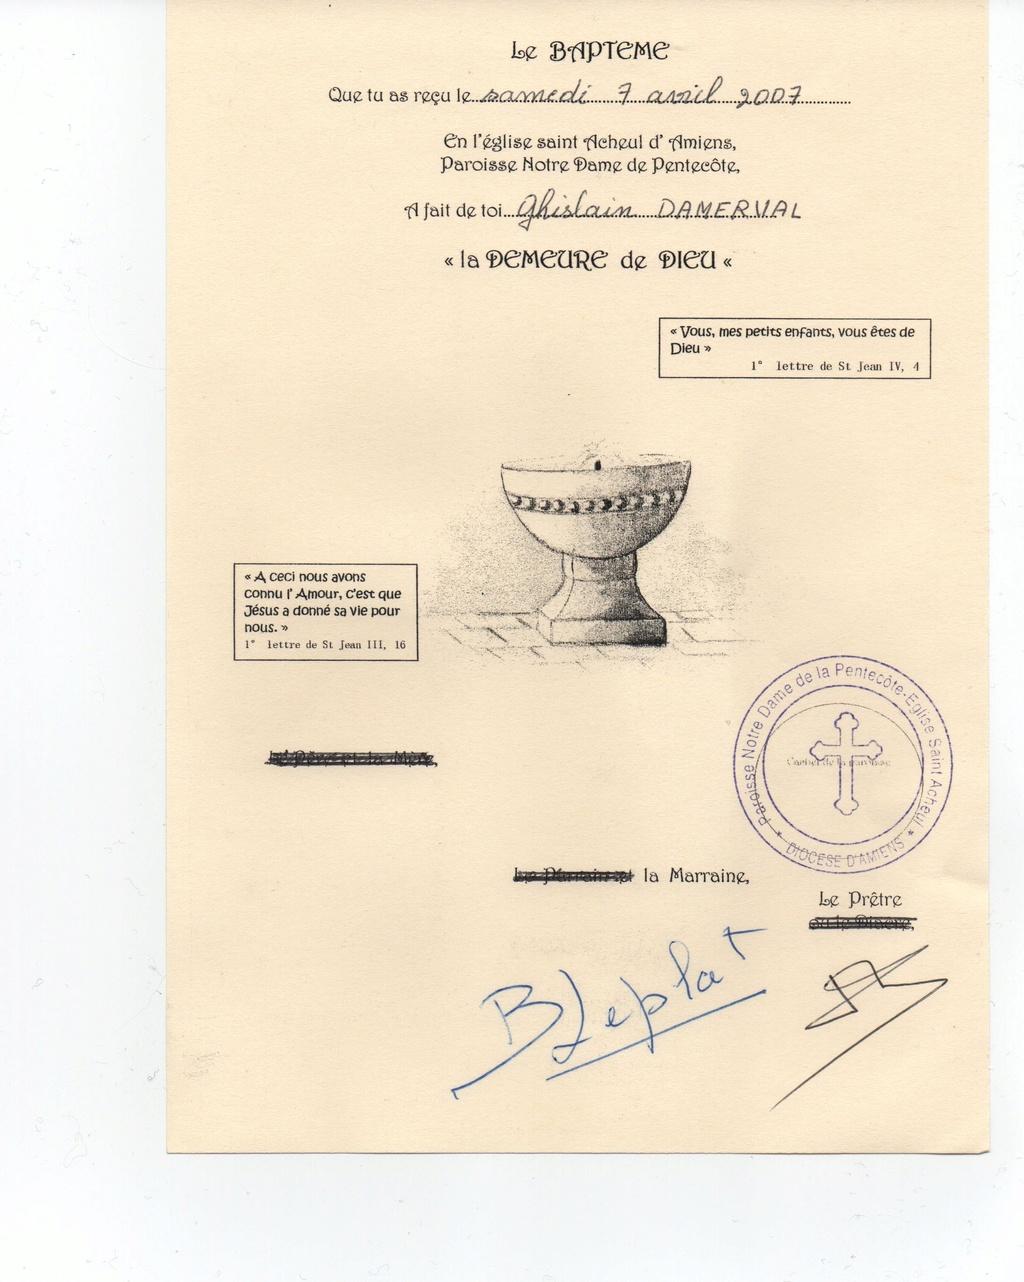 MA REFLEXION SUR LE CHRISTIANISME ET MON PARCOURS (Ghislain Damerval) 00110